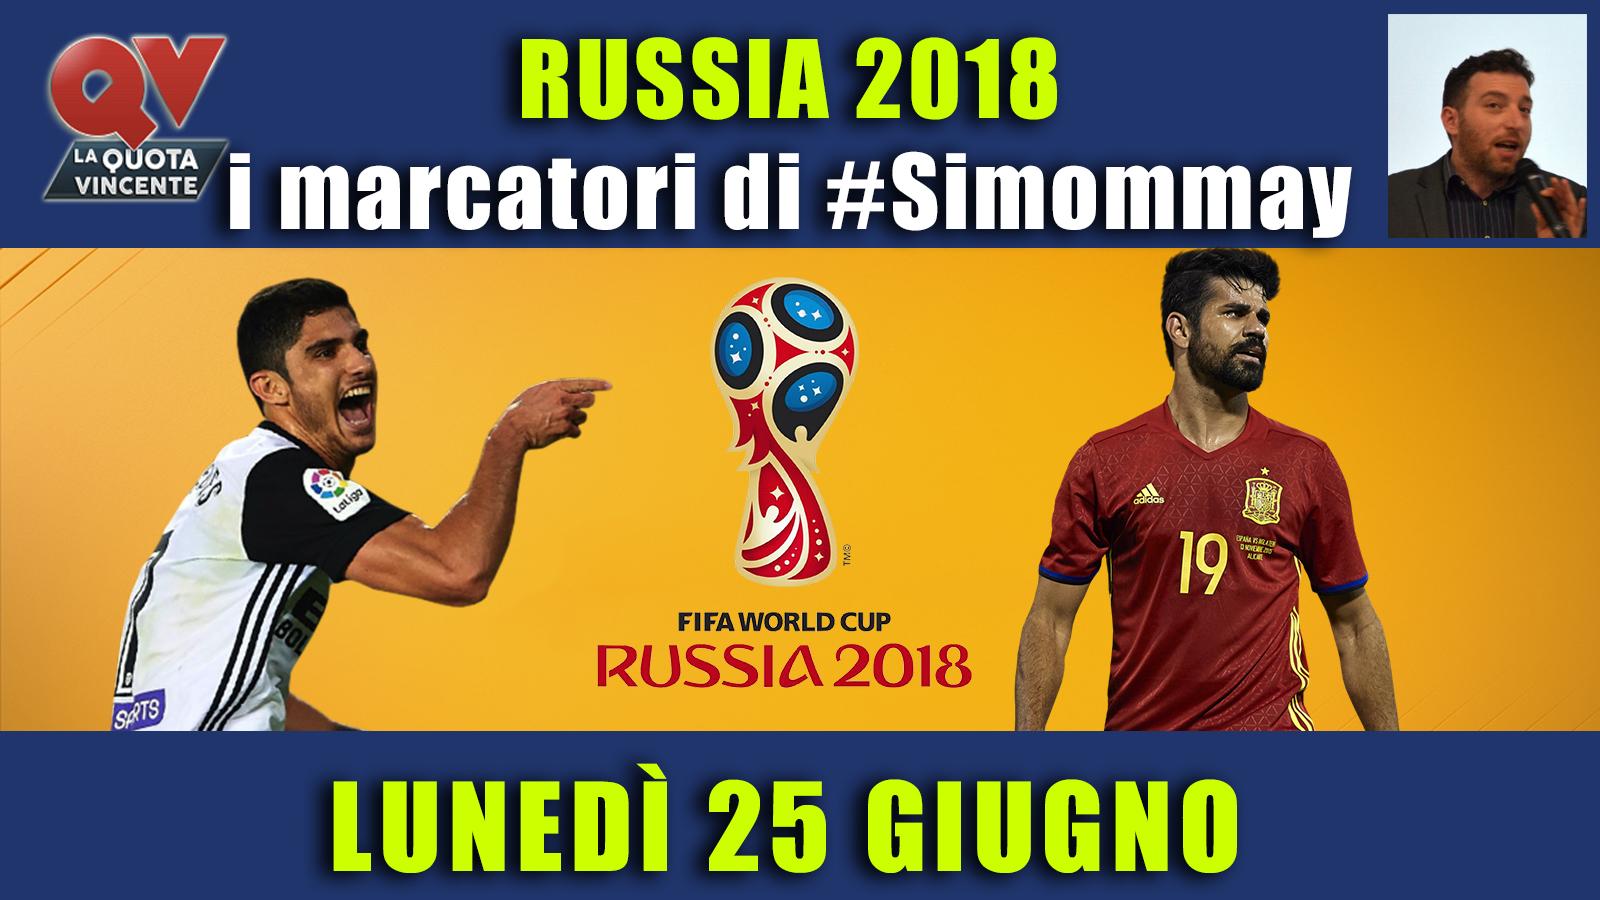 Pronostici marcatori Mondiali 25 giugno: i marcatori di #simommay